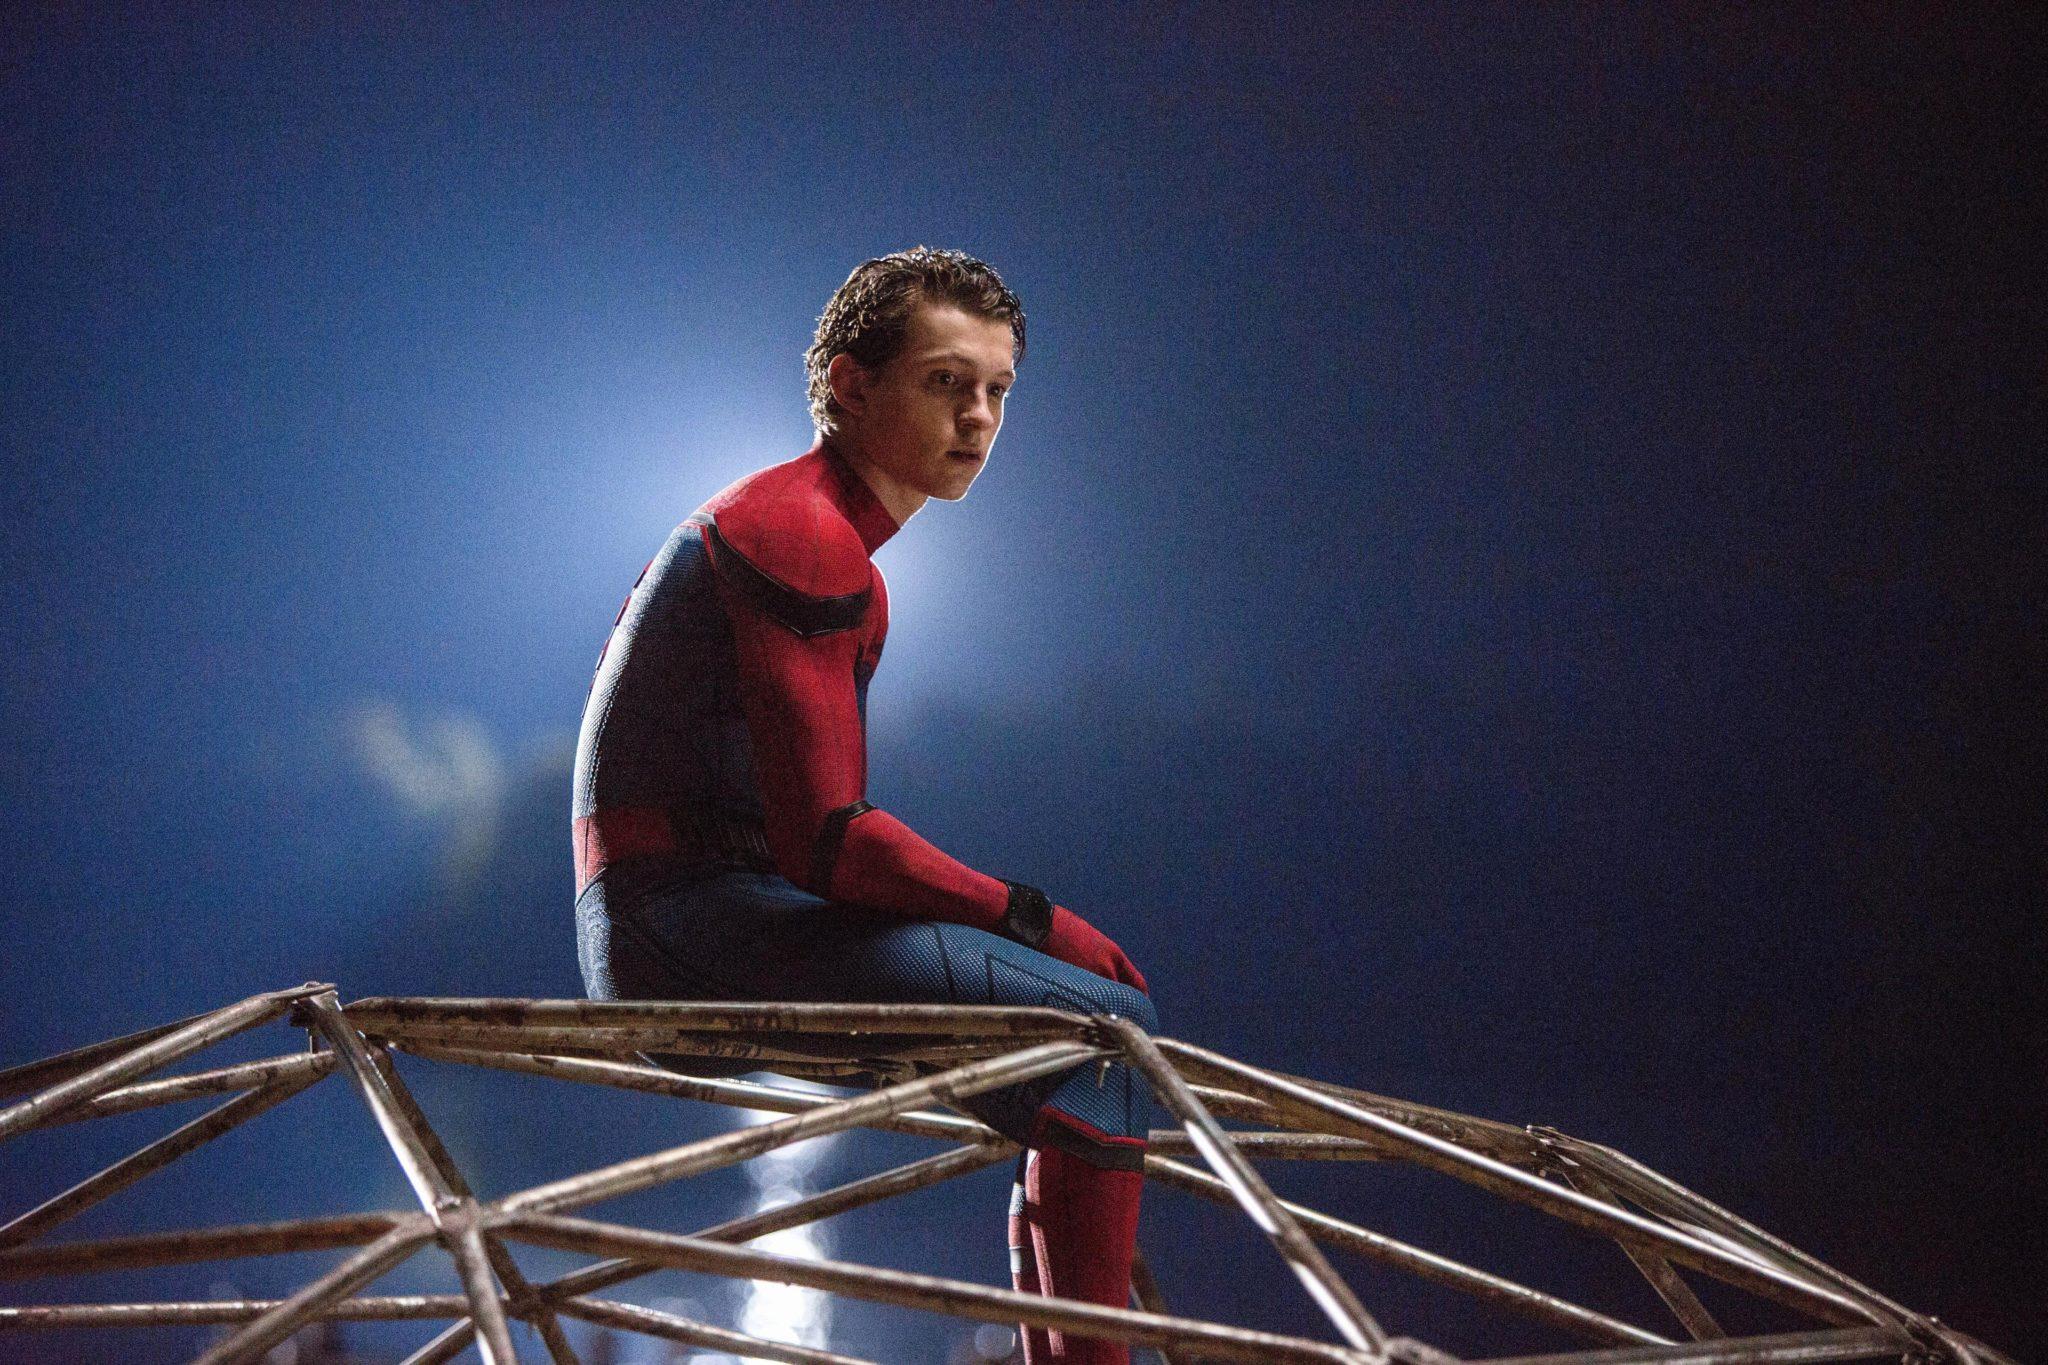 69 Spiderman Homecoming Wallpaper On Wallpapersafari